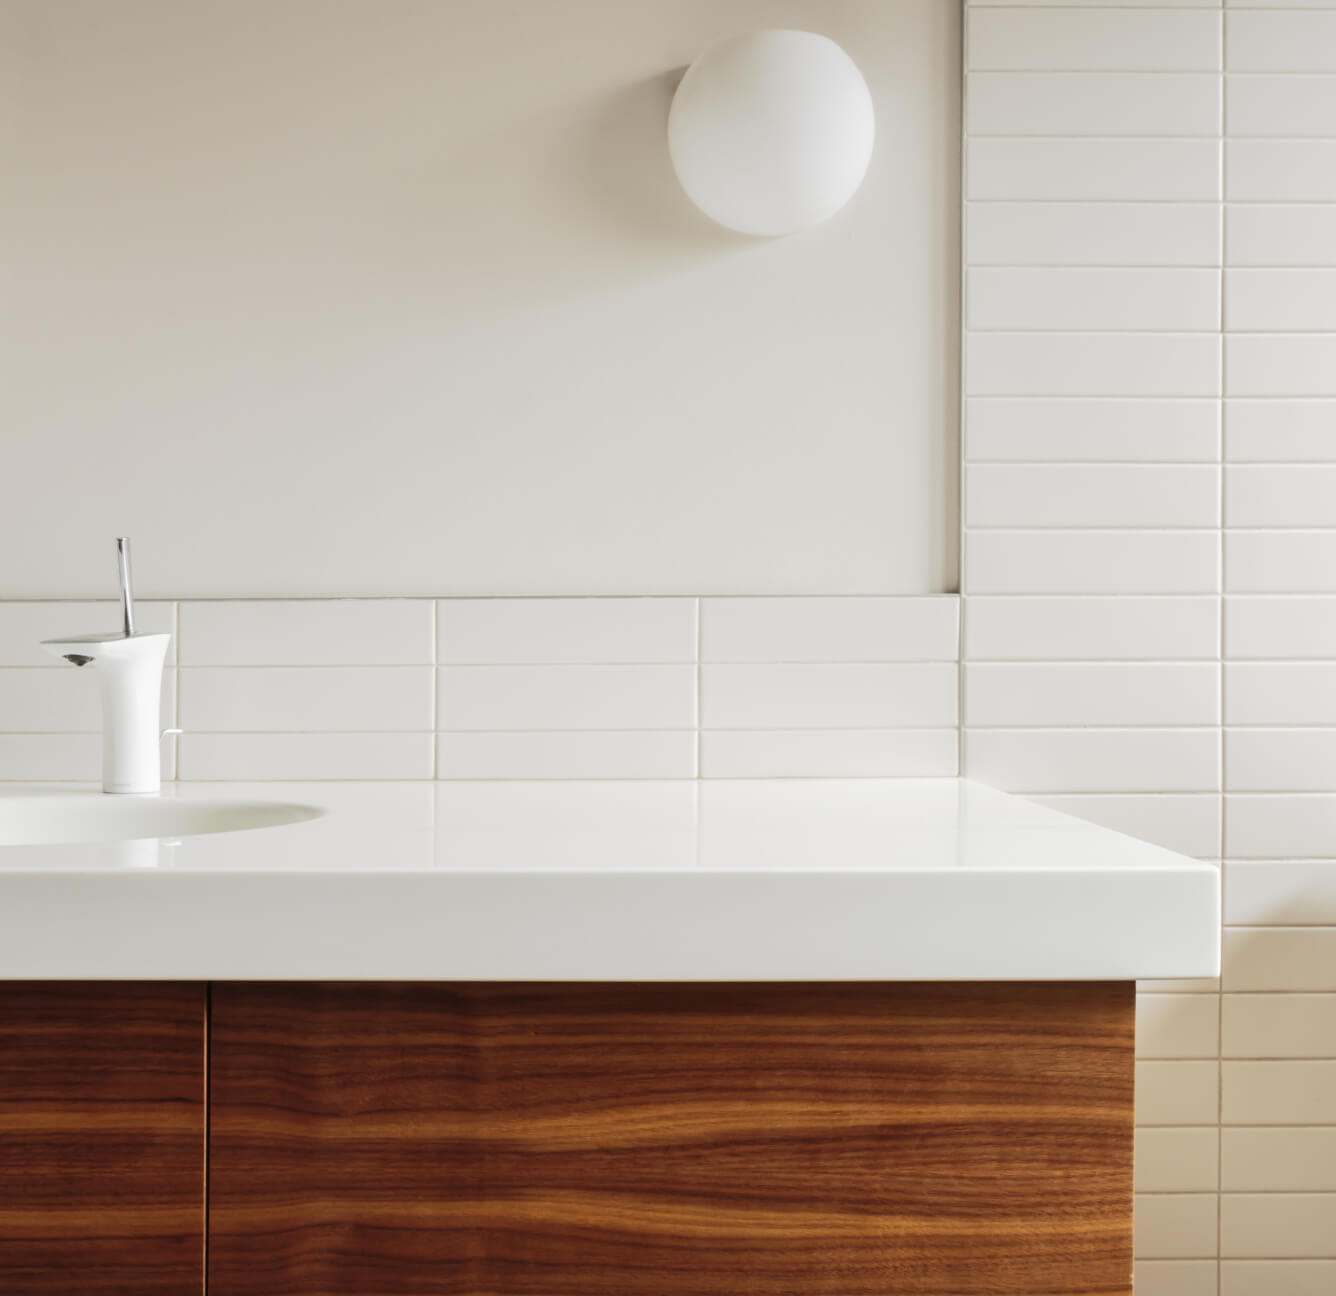 salle de bain moderne avec tuile blance et vanité en bois exotique